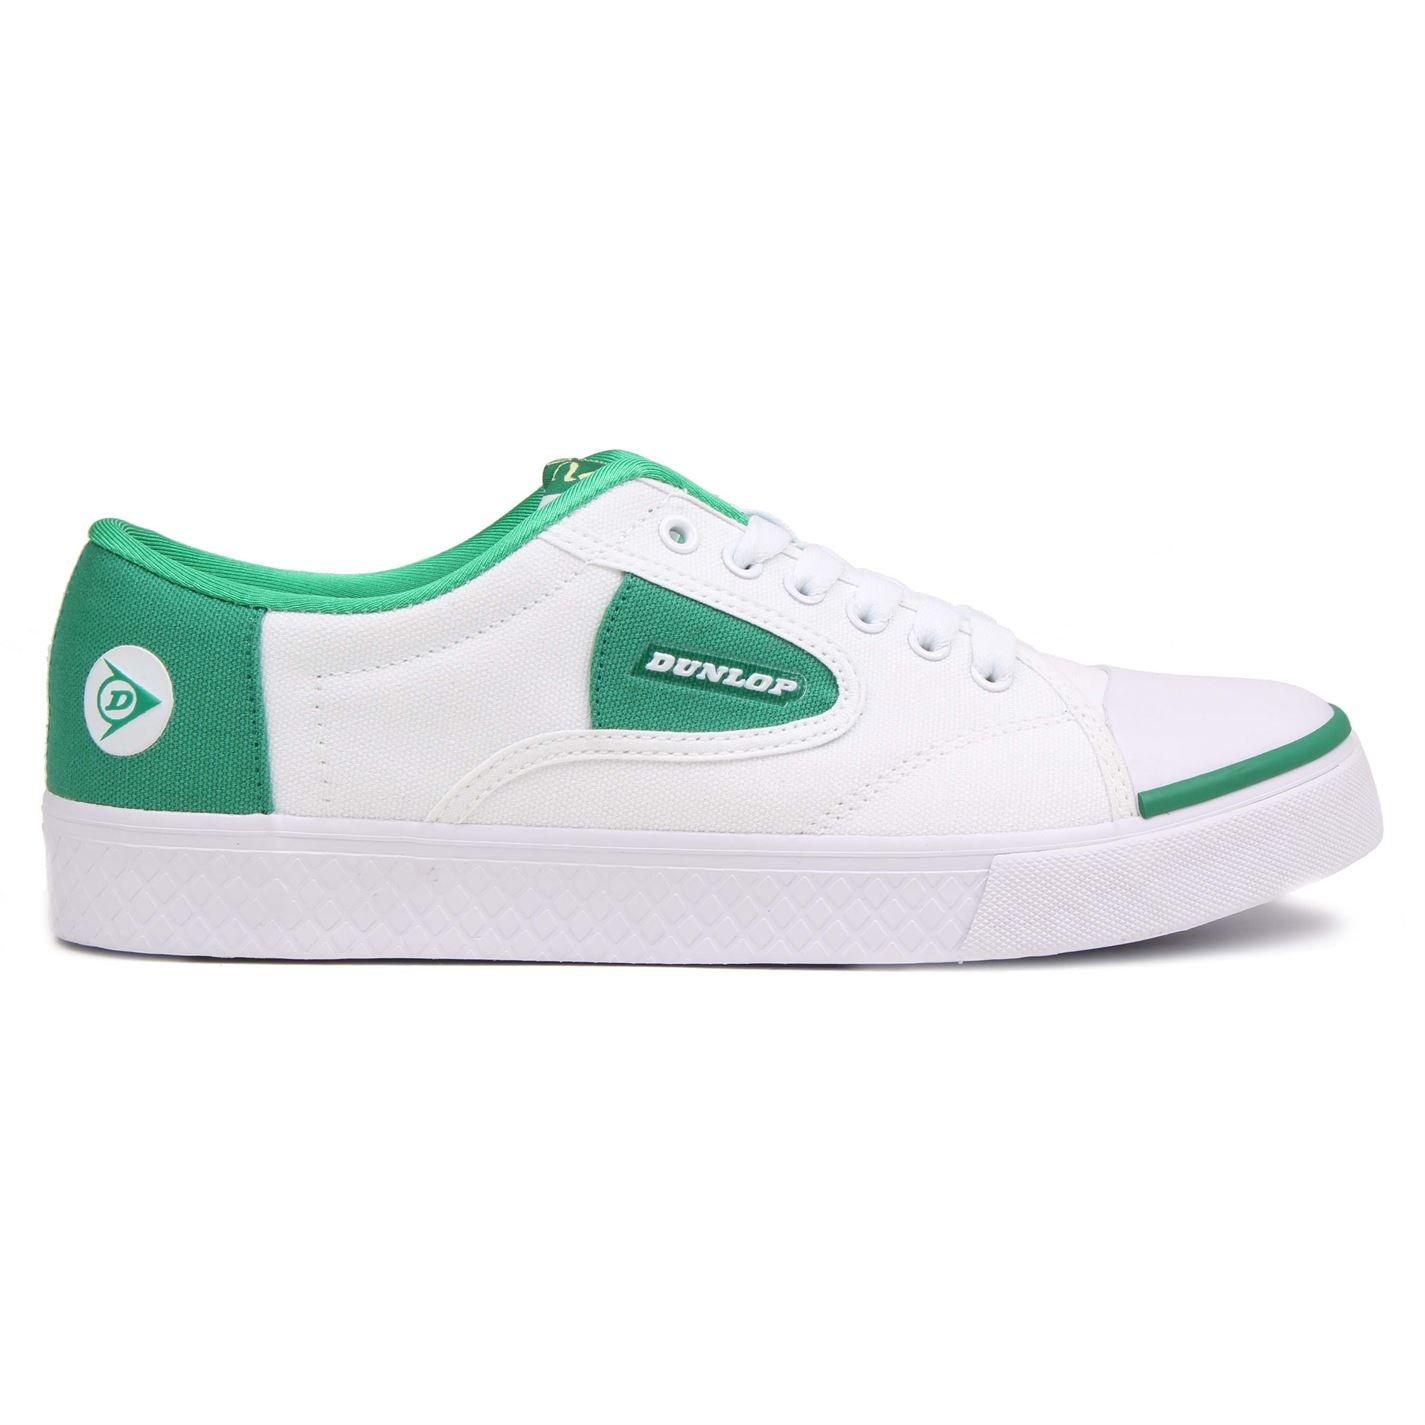 Dunlop Grün leuchtend tennis Schuh.in WeißGrün in Größe